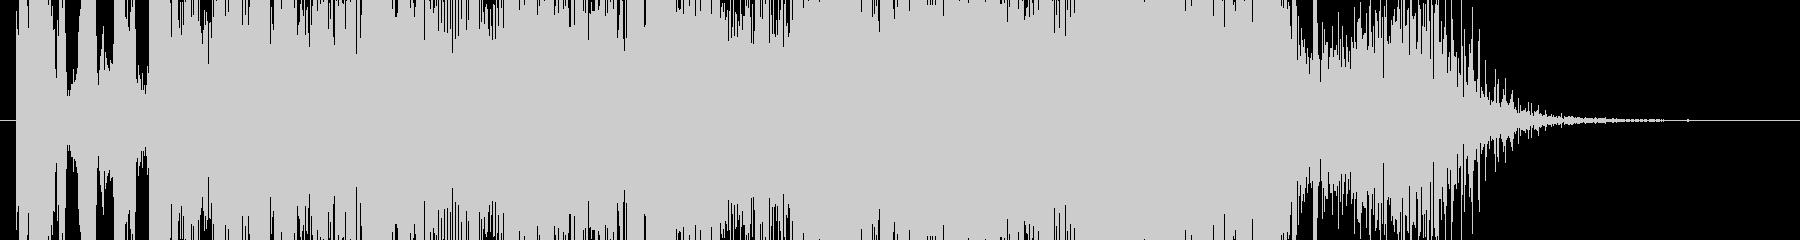 DJスクラッチとロボット_EDMジングルの未再生の波形